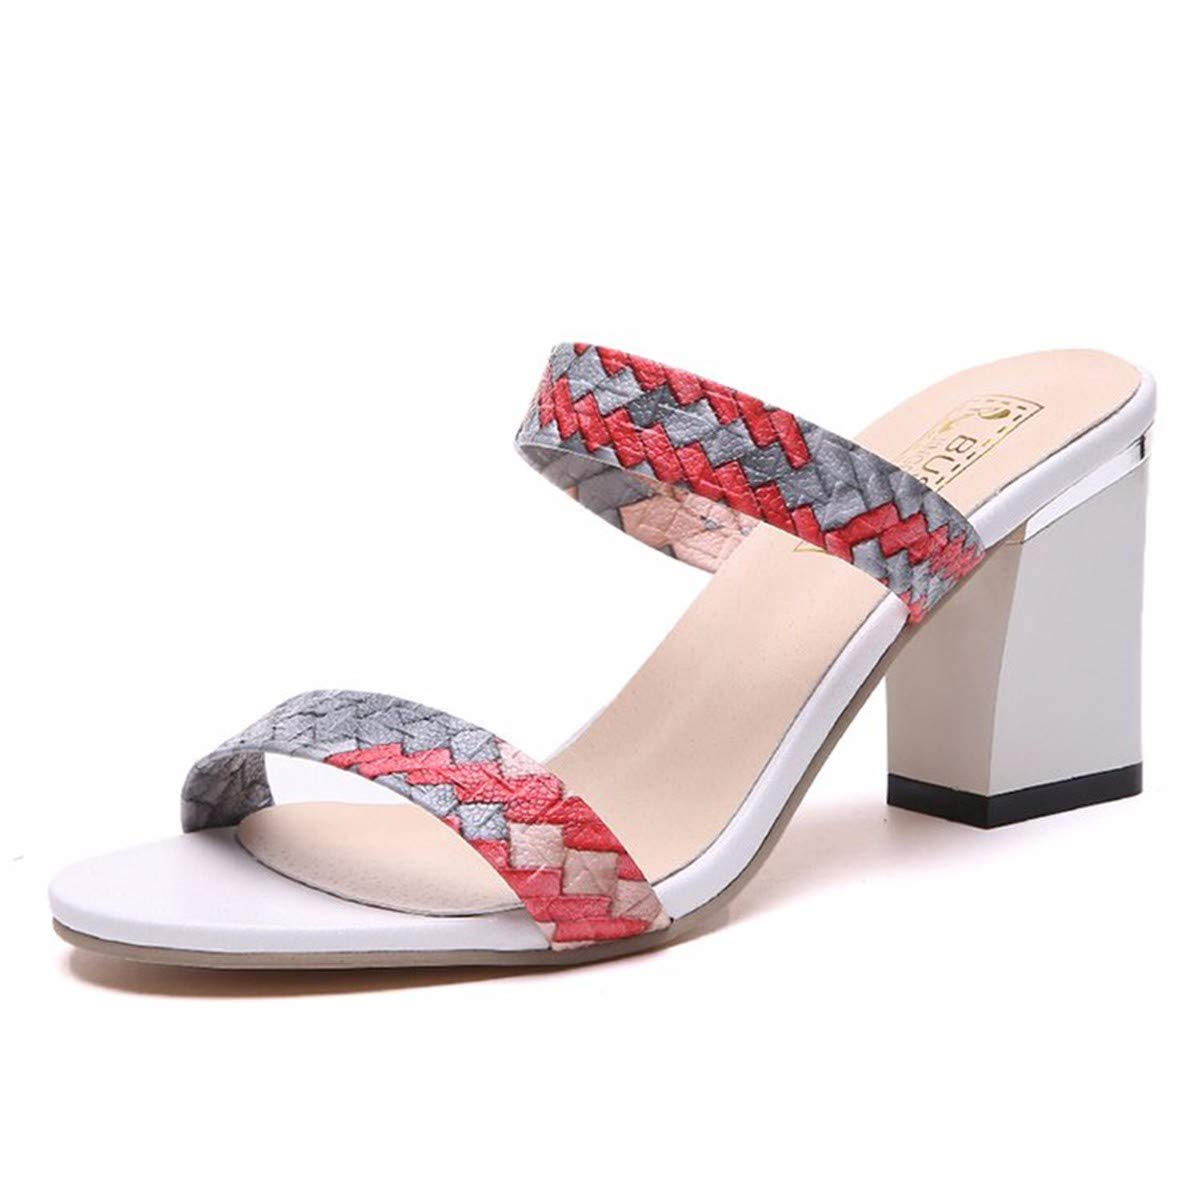 GTVERNH Damenschuhe Mode und Sommer Hochhackigen und Mode Ferse Mode - Sandalen Kaltes Wasser Schleppen Fisch Im Mund - Schuhe. 3ef9c1